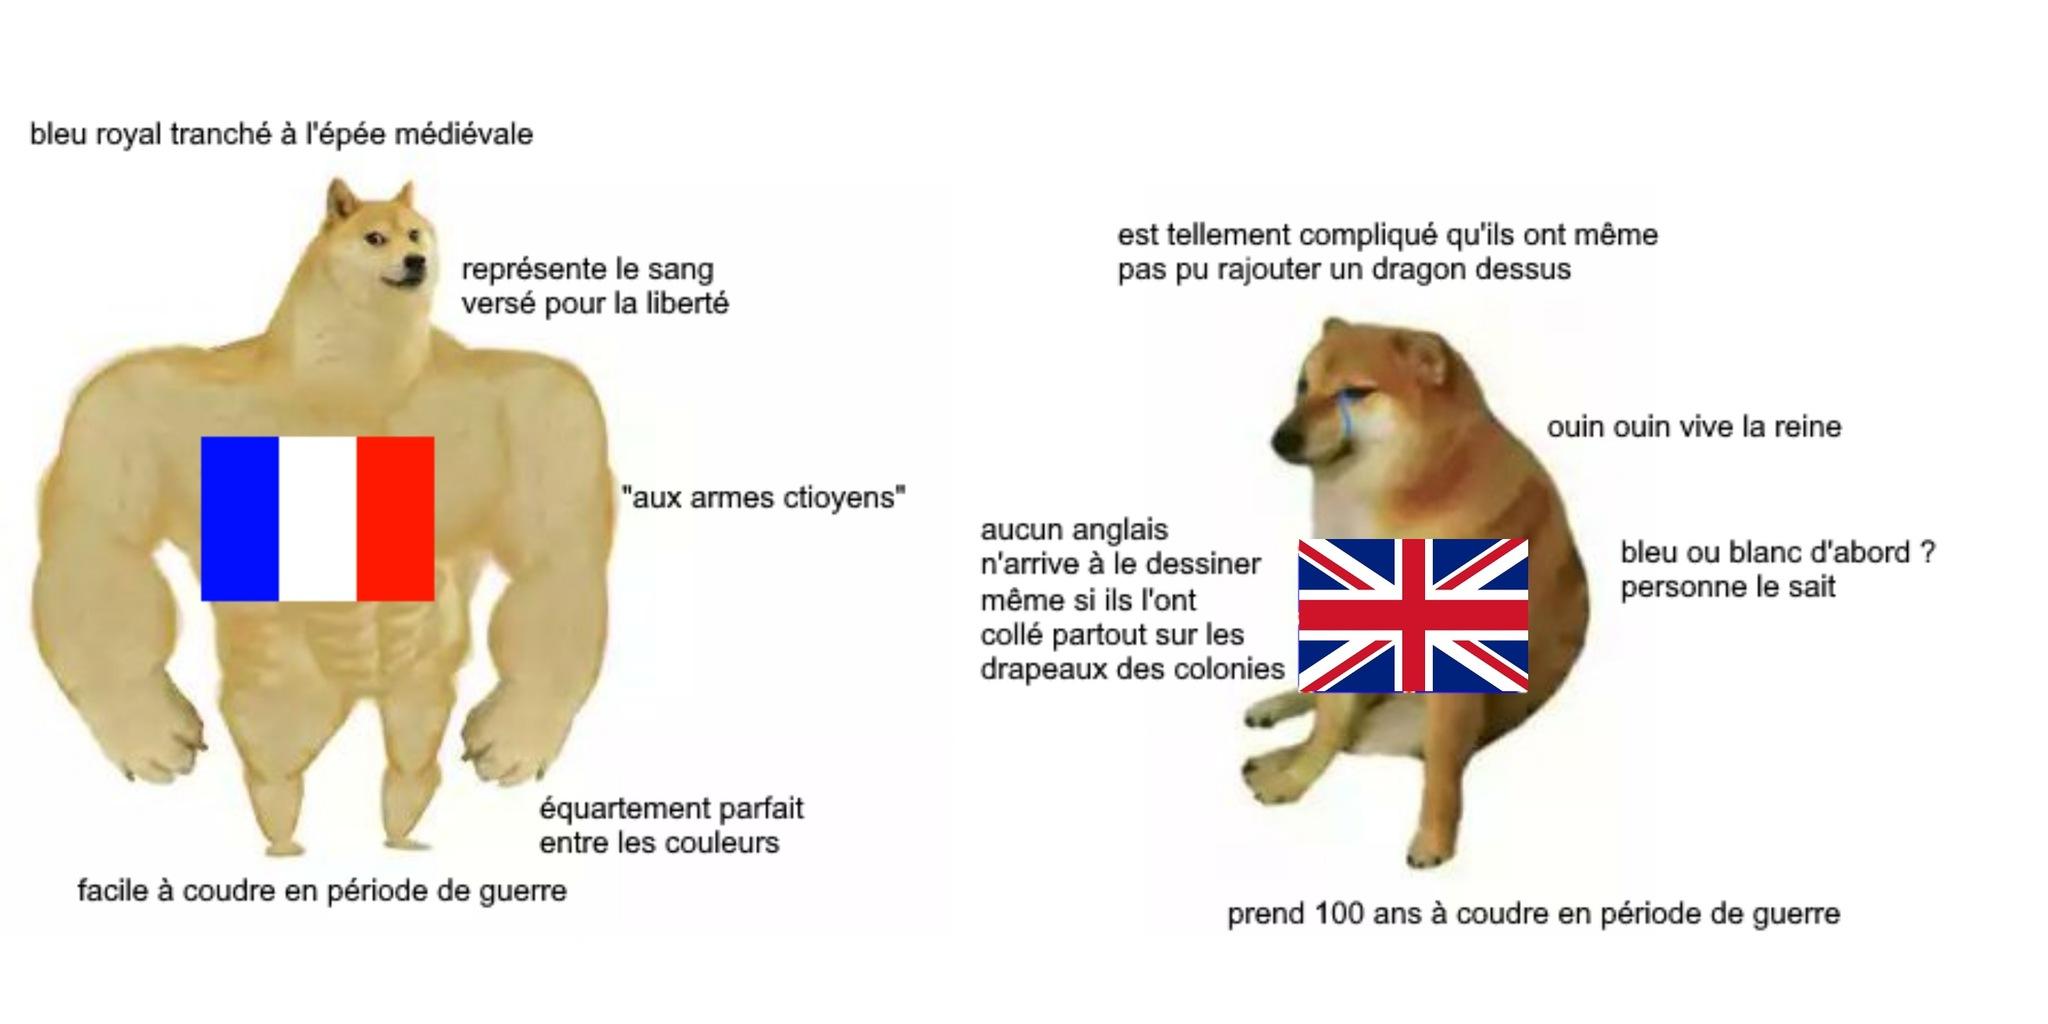 Vive la France - meme